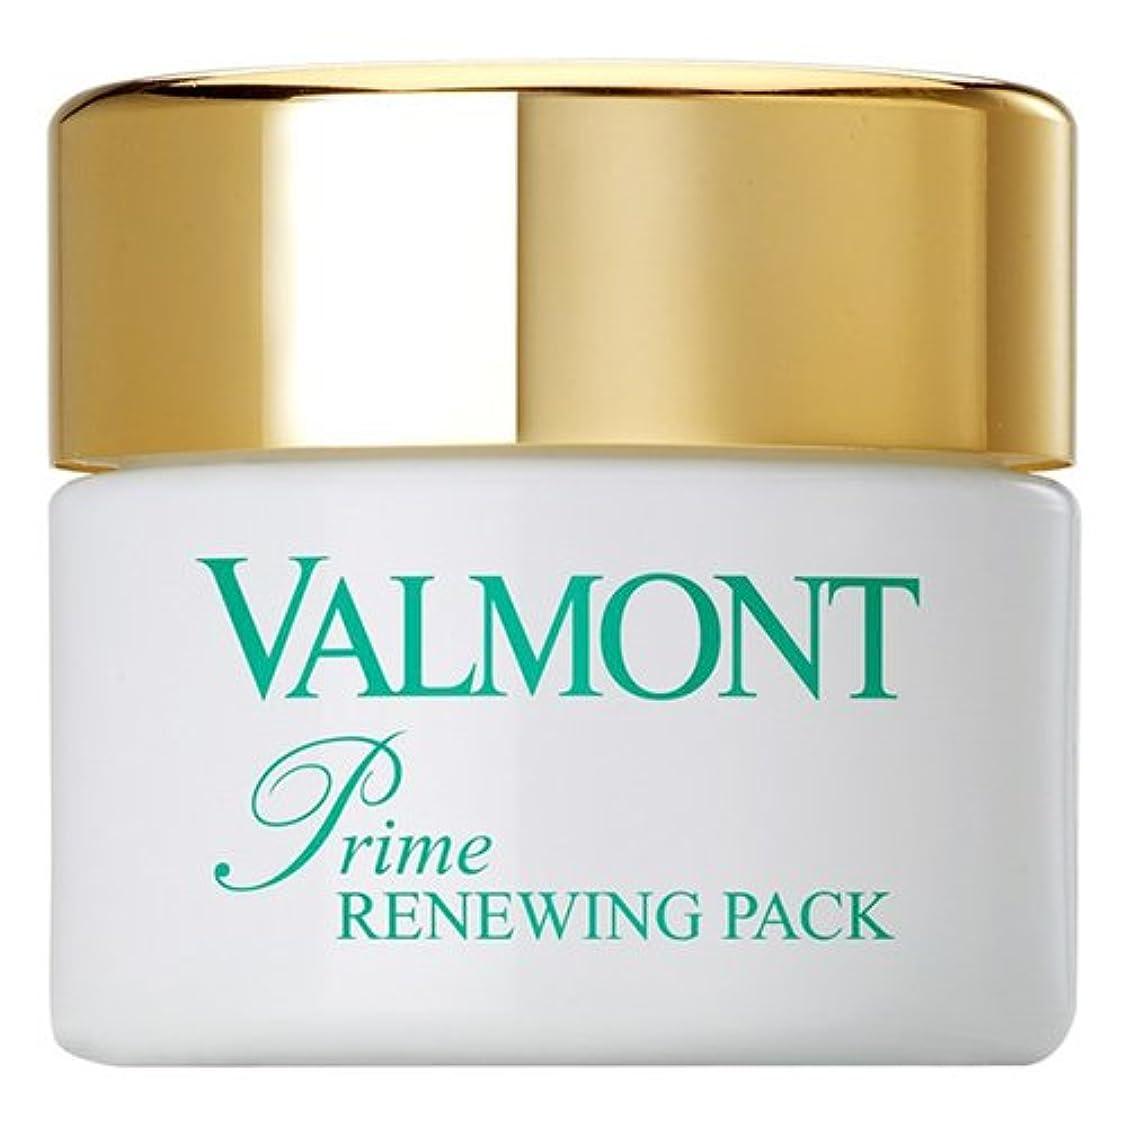 リサイクルする学校回答Valmont Prime Renewing Pack, 7.0 Ounce エイジングケアマスク クリーム